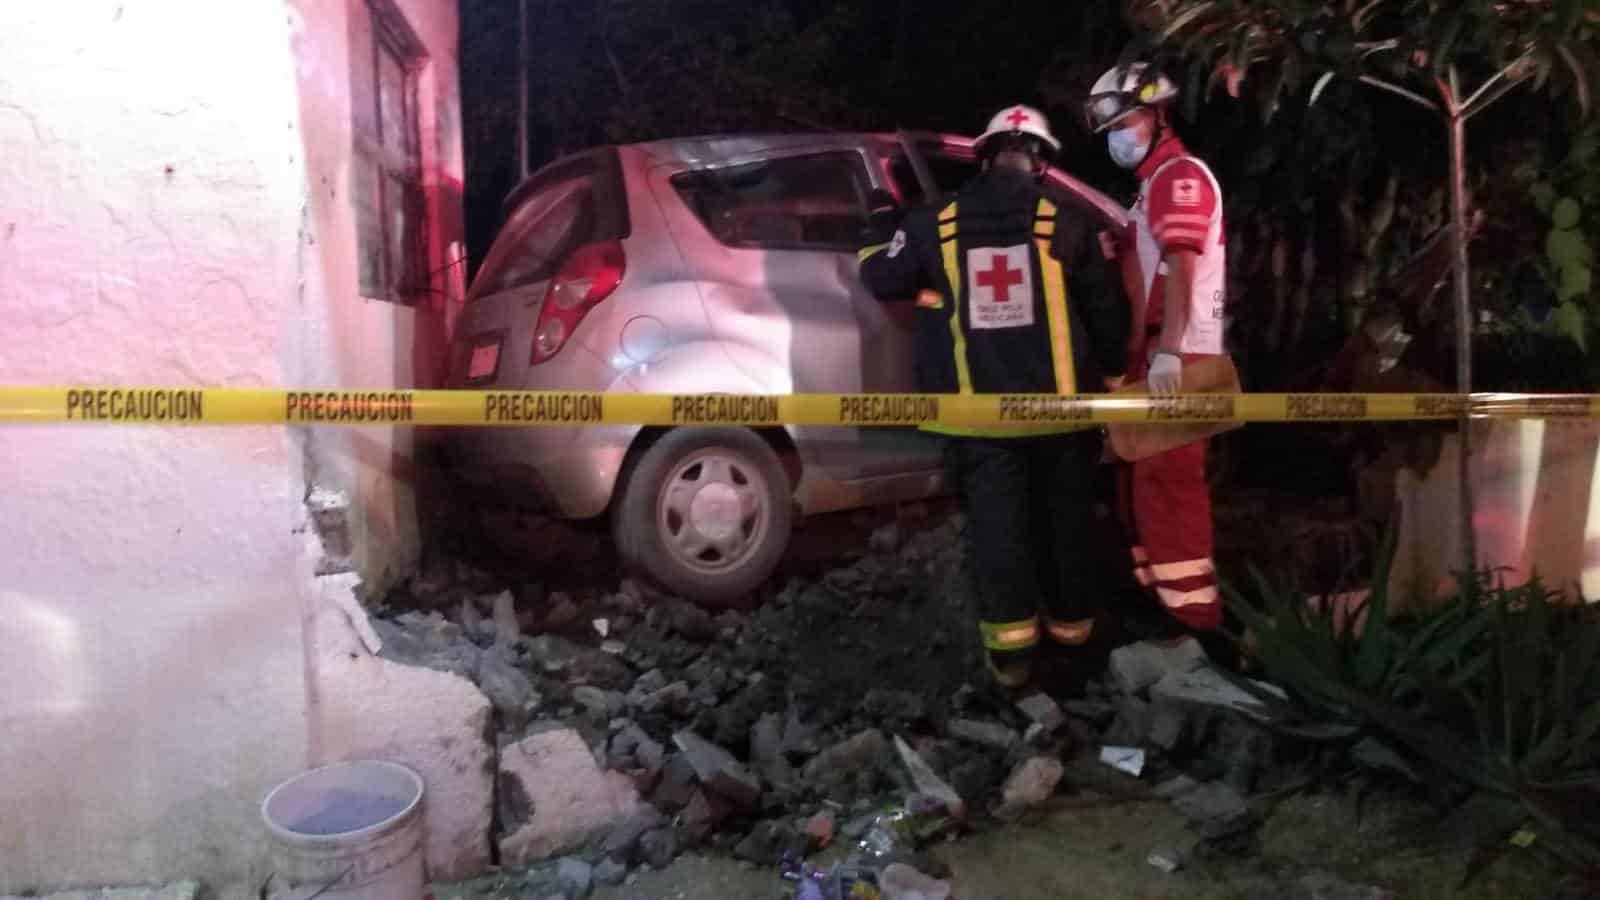 Una persona perdió la vida al impactar su vehículo contra la fachada de una vivienda